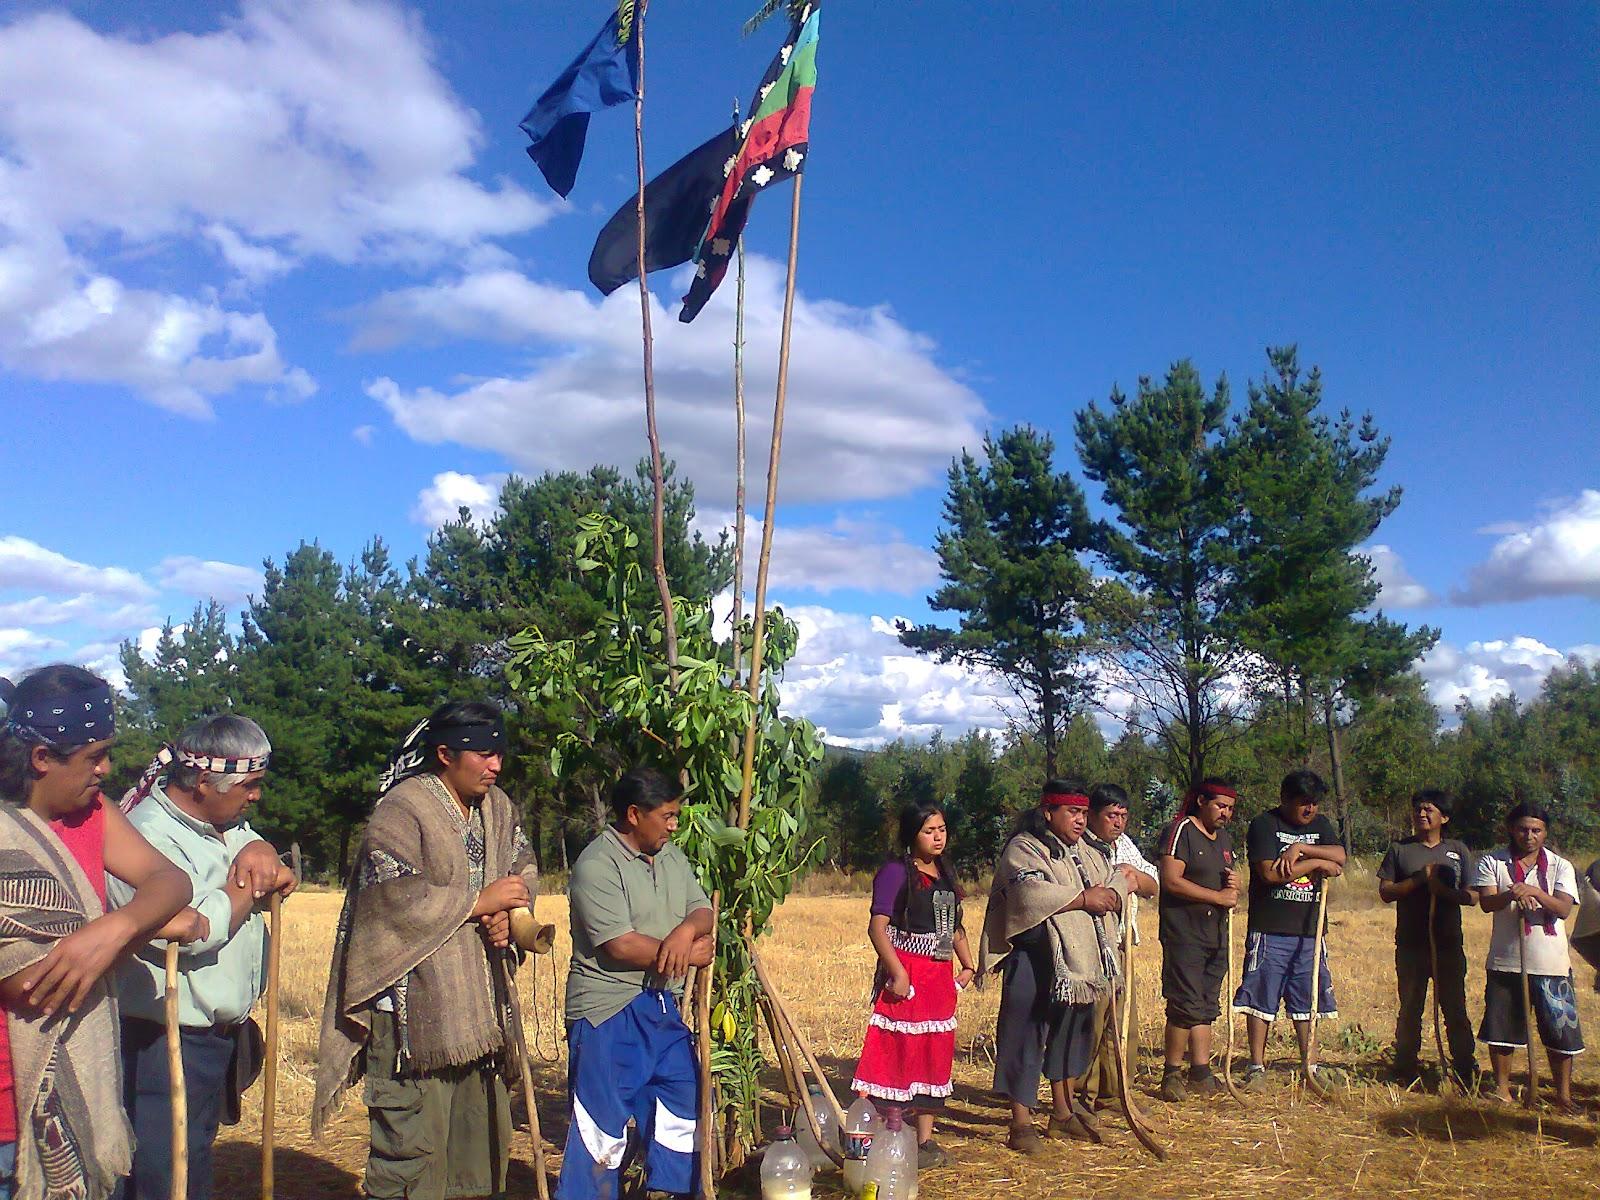 El pueblo Mapuche y la discusión sobre autonomía y  autodeterminación